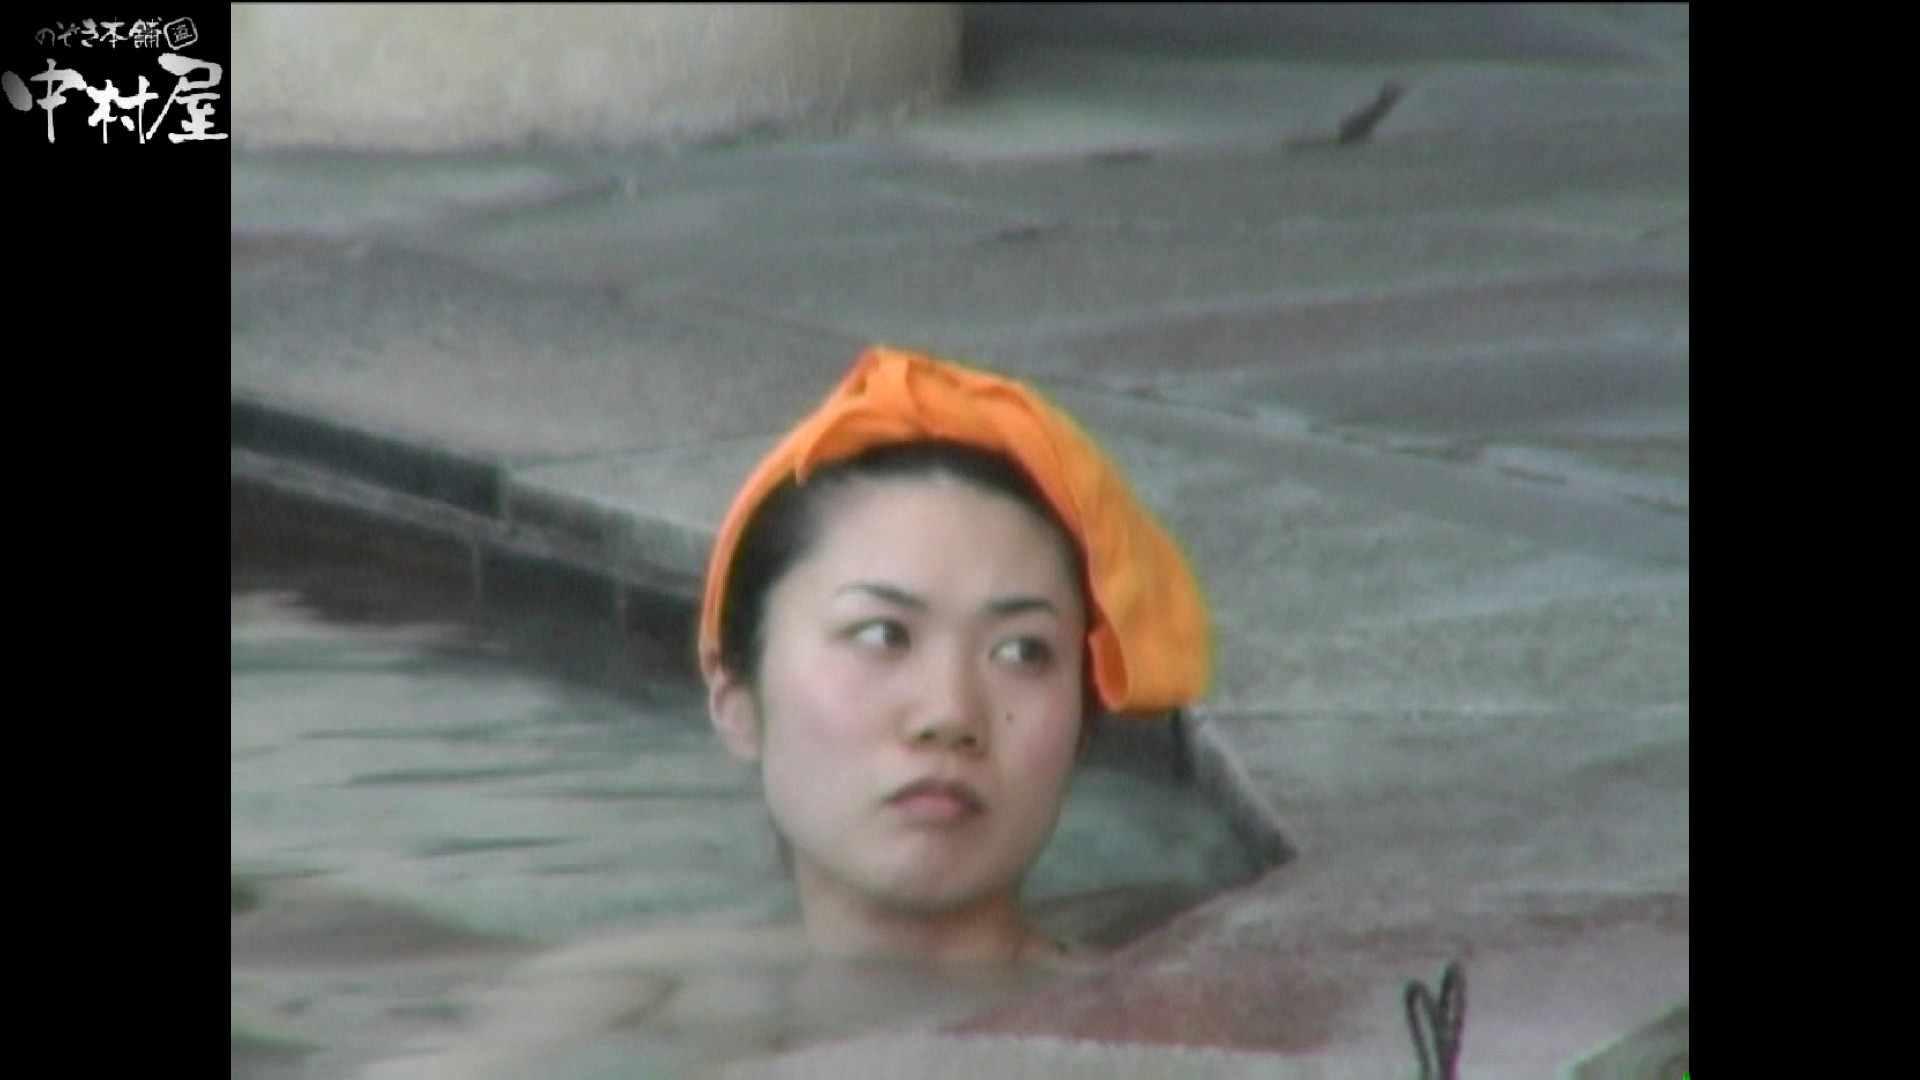 Aquaな露天風呂Vol.978 OLのエロ生活 スケベ動画紹介 73連発 56